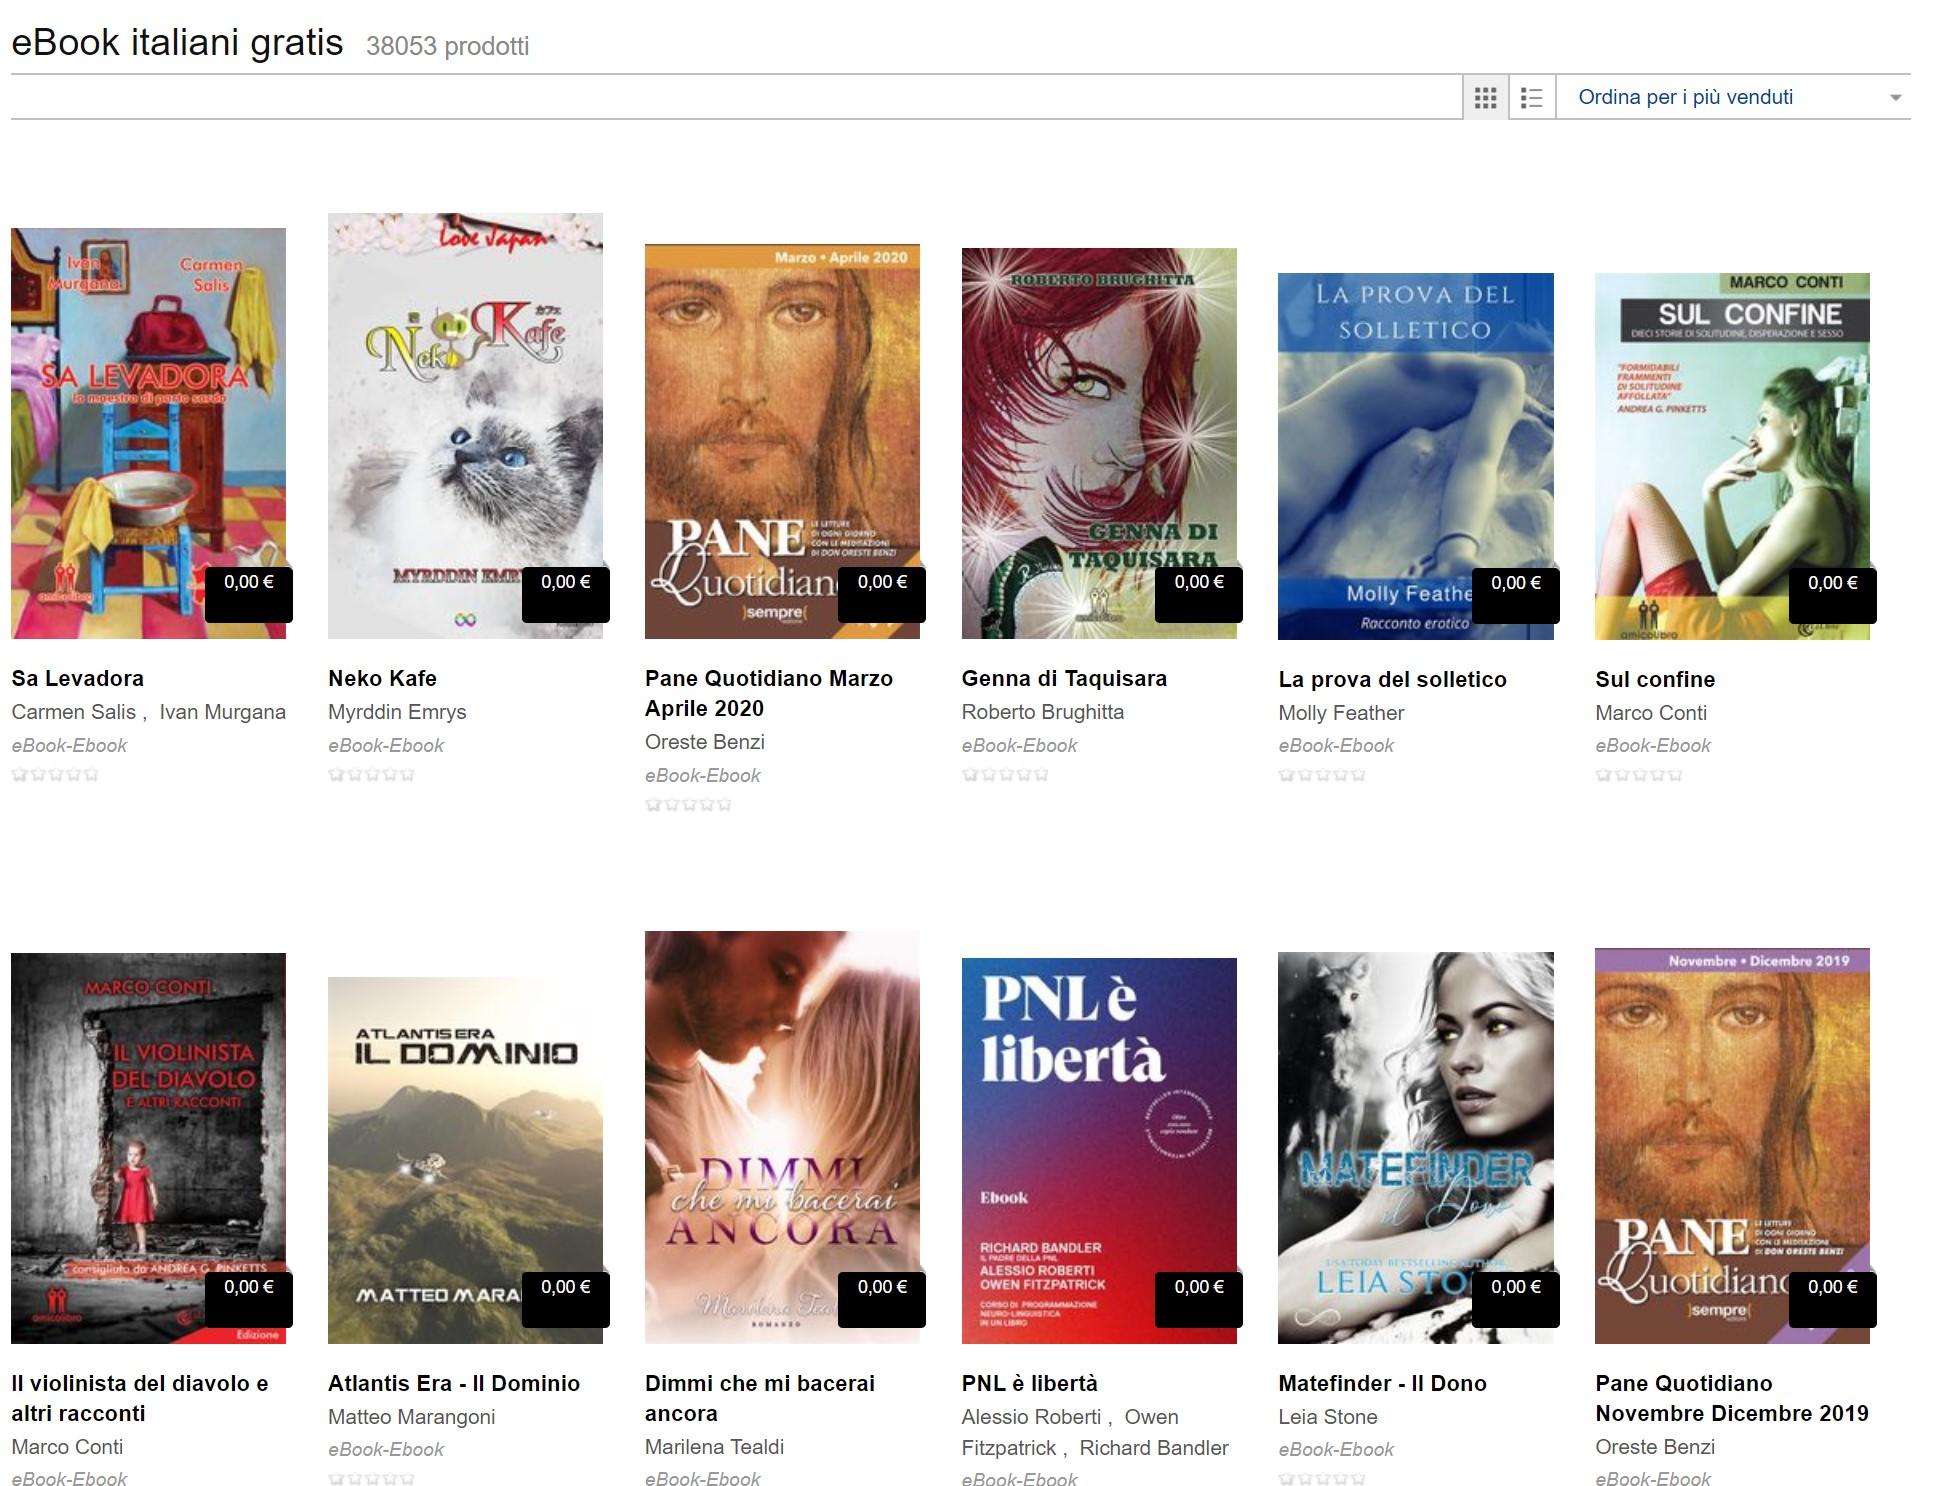 38.000 ebooks Italiani da leggere Gratis su Mondadori Store